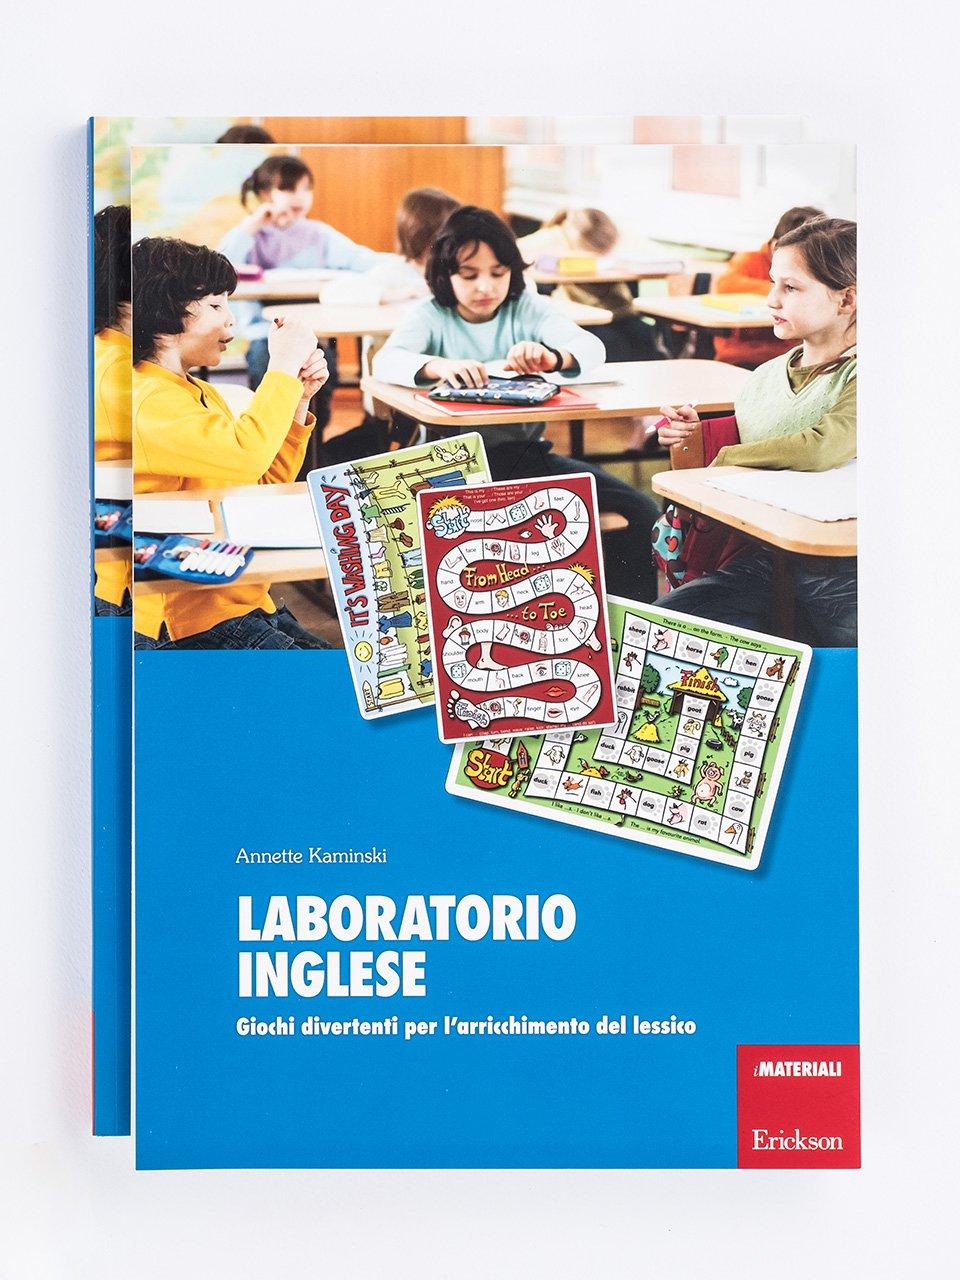 Laboratorio inglese - Schede per Tablotto (Età 8+) - Play and Learn with - Giochi - Erickson